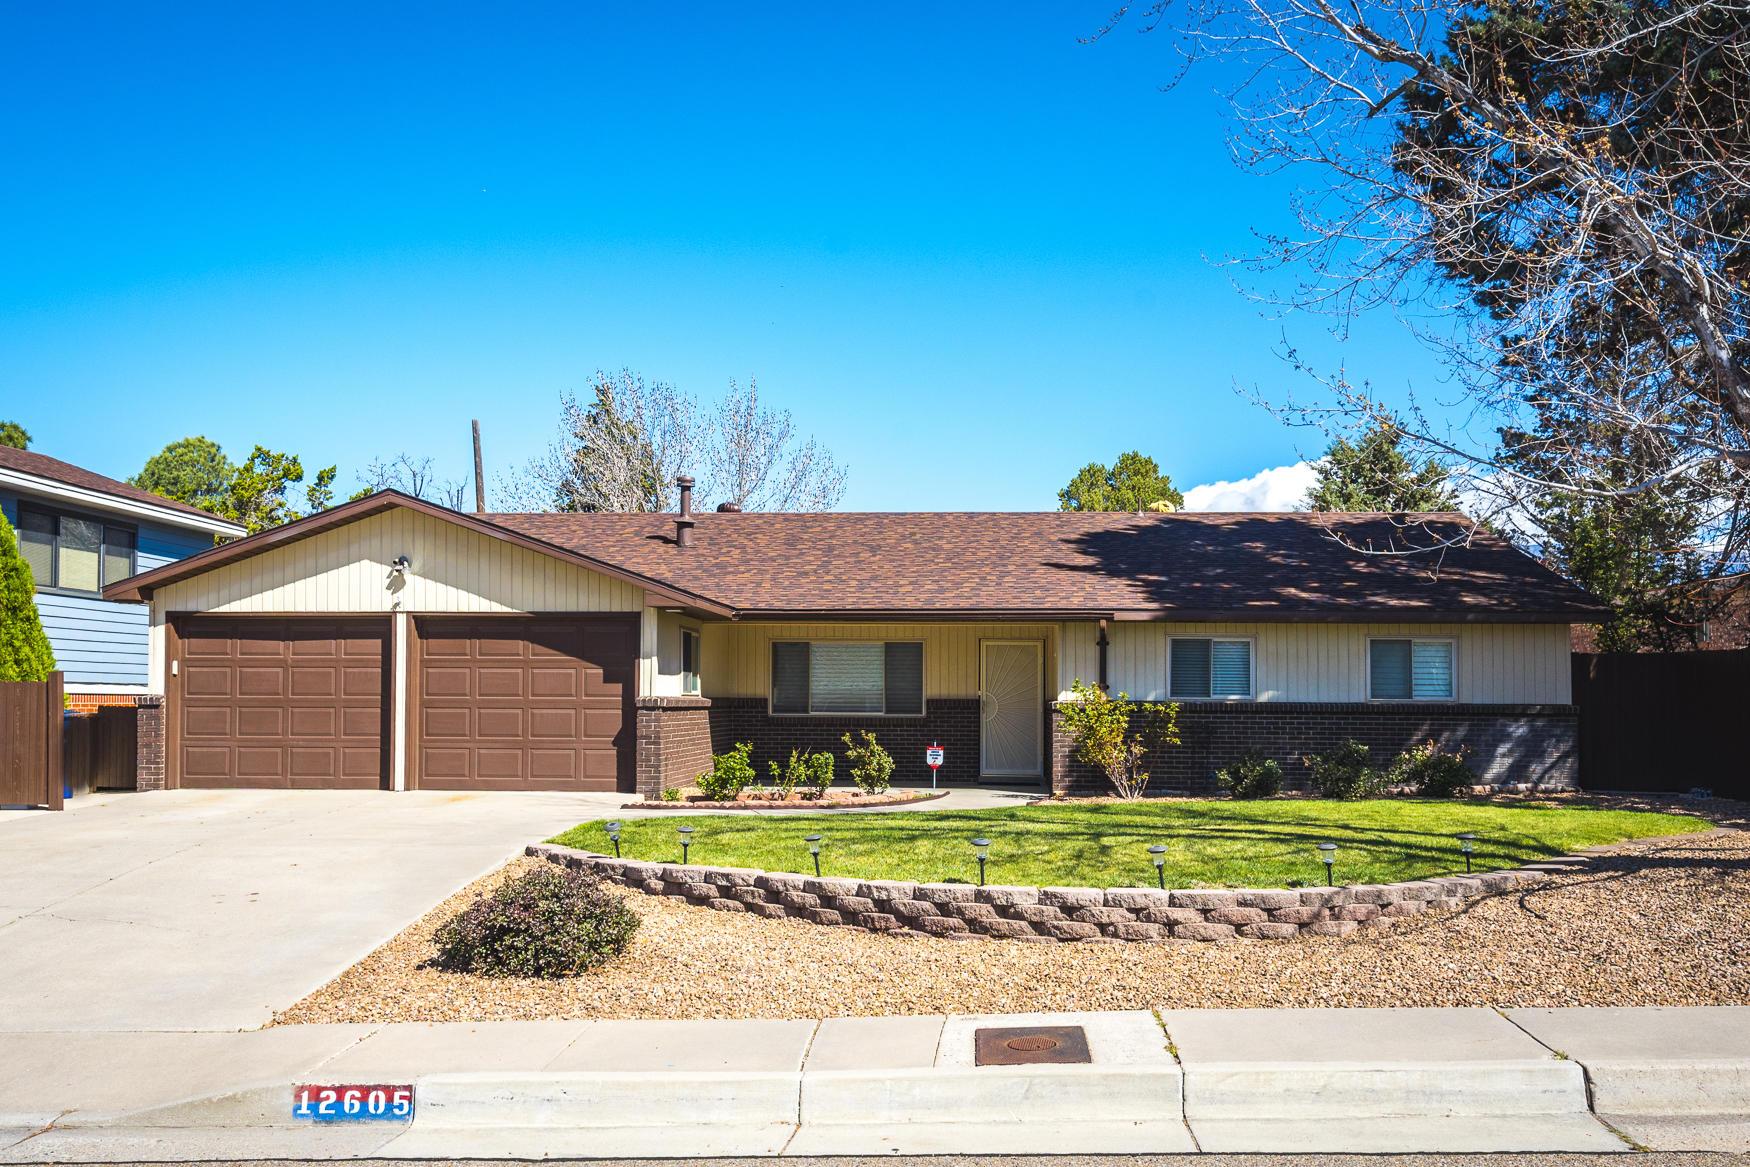 12605 LOYOLA Avenue NE, Albuquerque, NM 87112 - Albuquerque, NM real estate listing